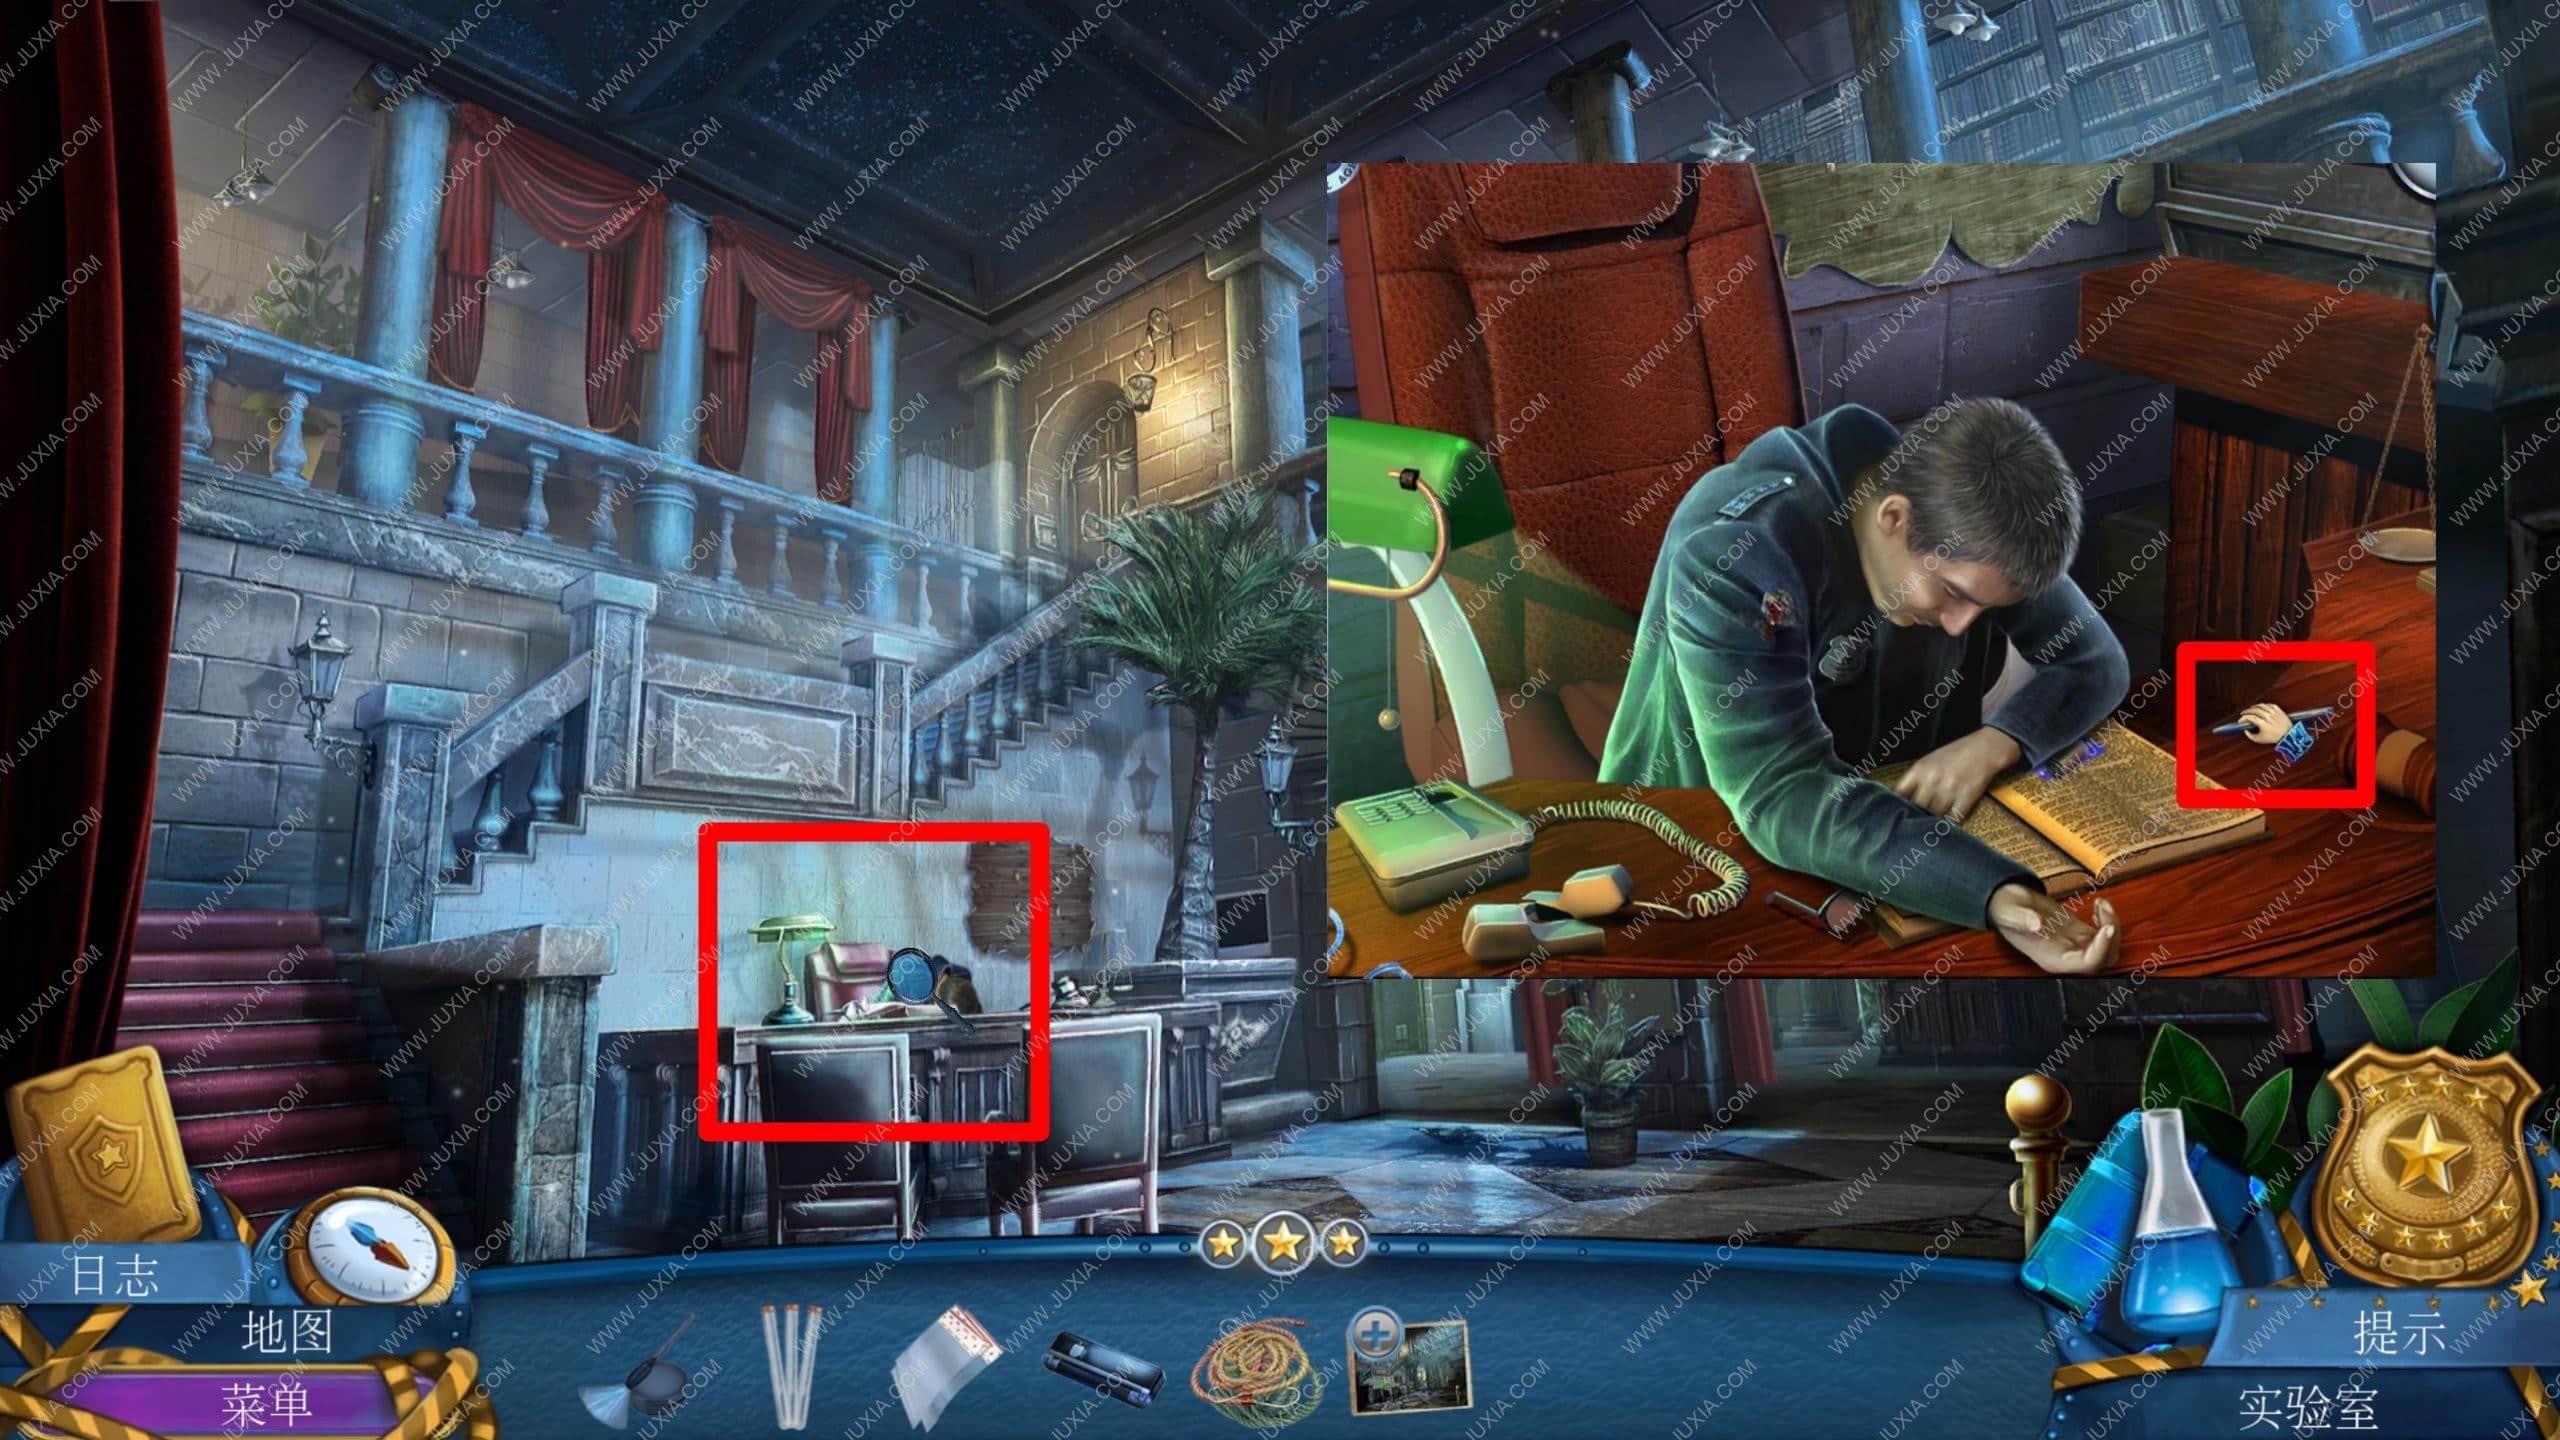 密室逃脱滚动迷城攻略第四章 幽灵档案罪恶的面孔攻略